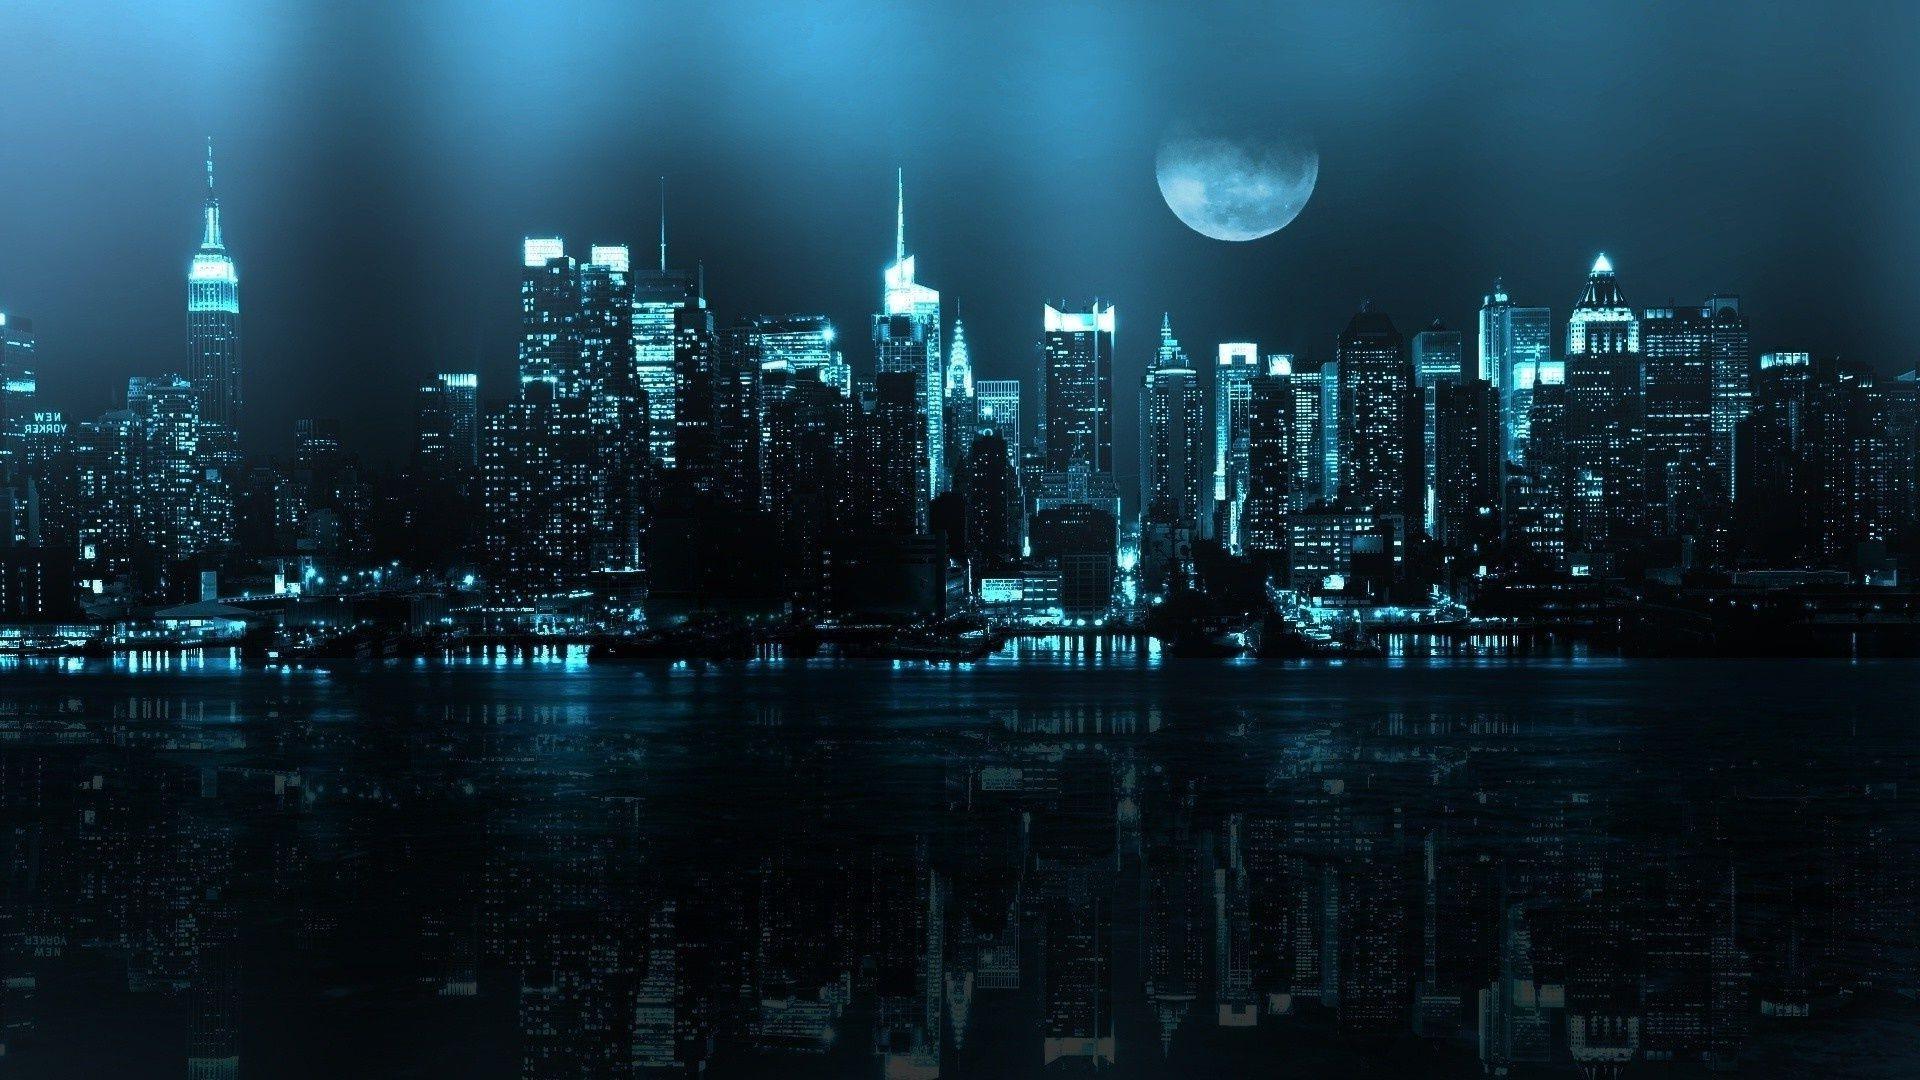 фото ночного города на рабочий стол вменяются разные